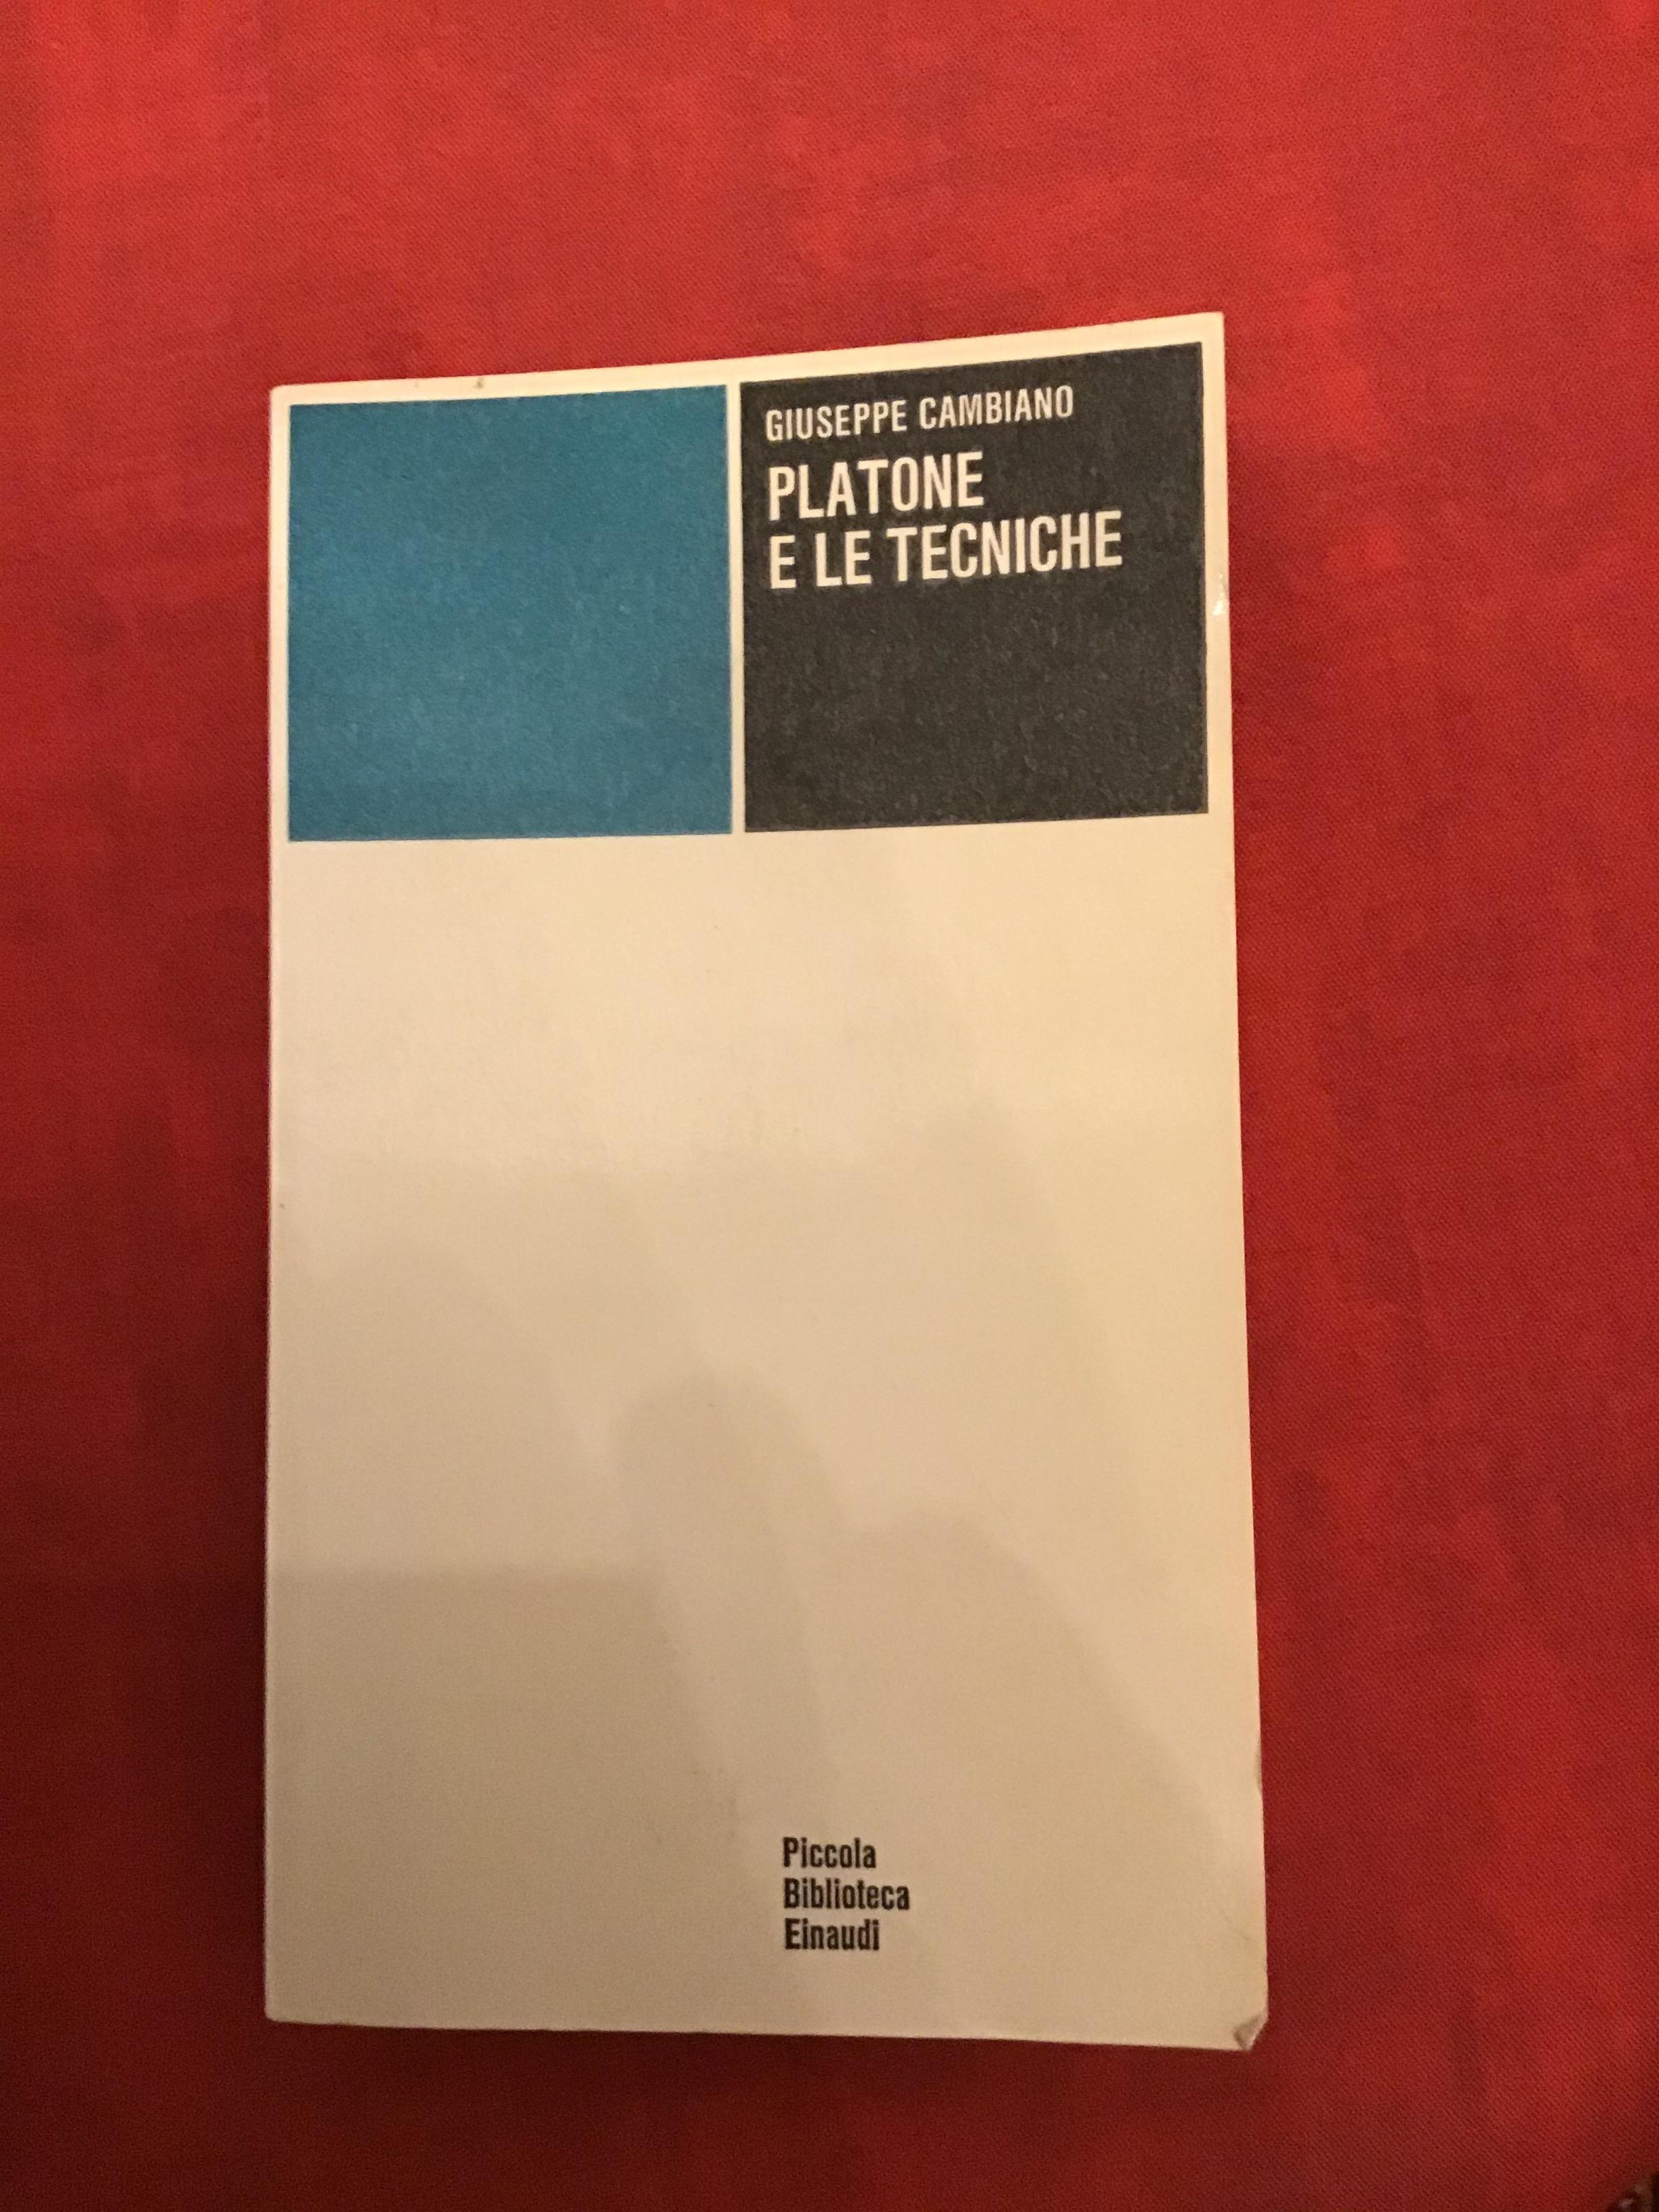 Platone e le tecniche